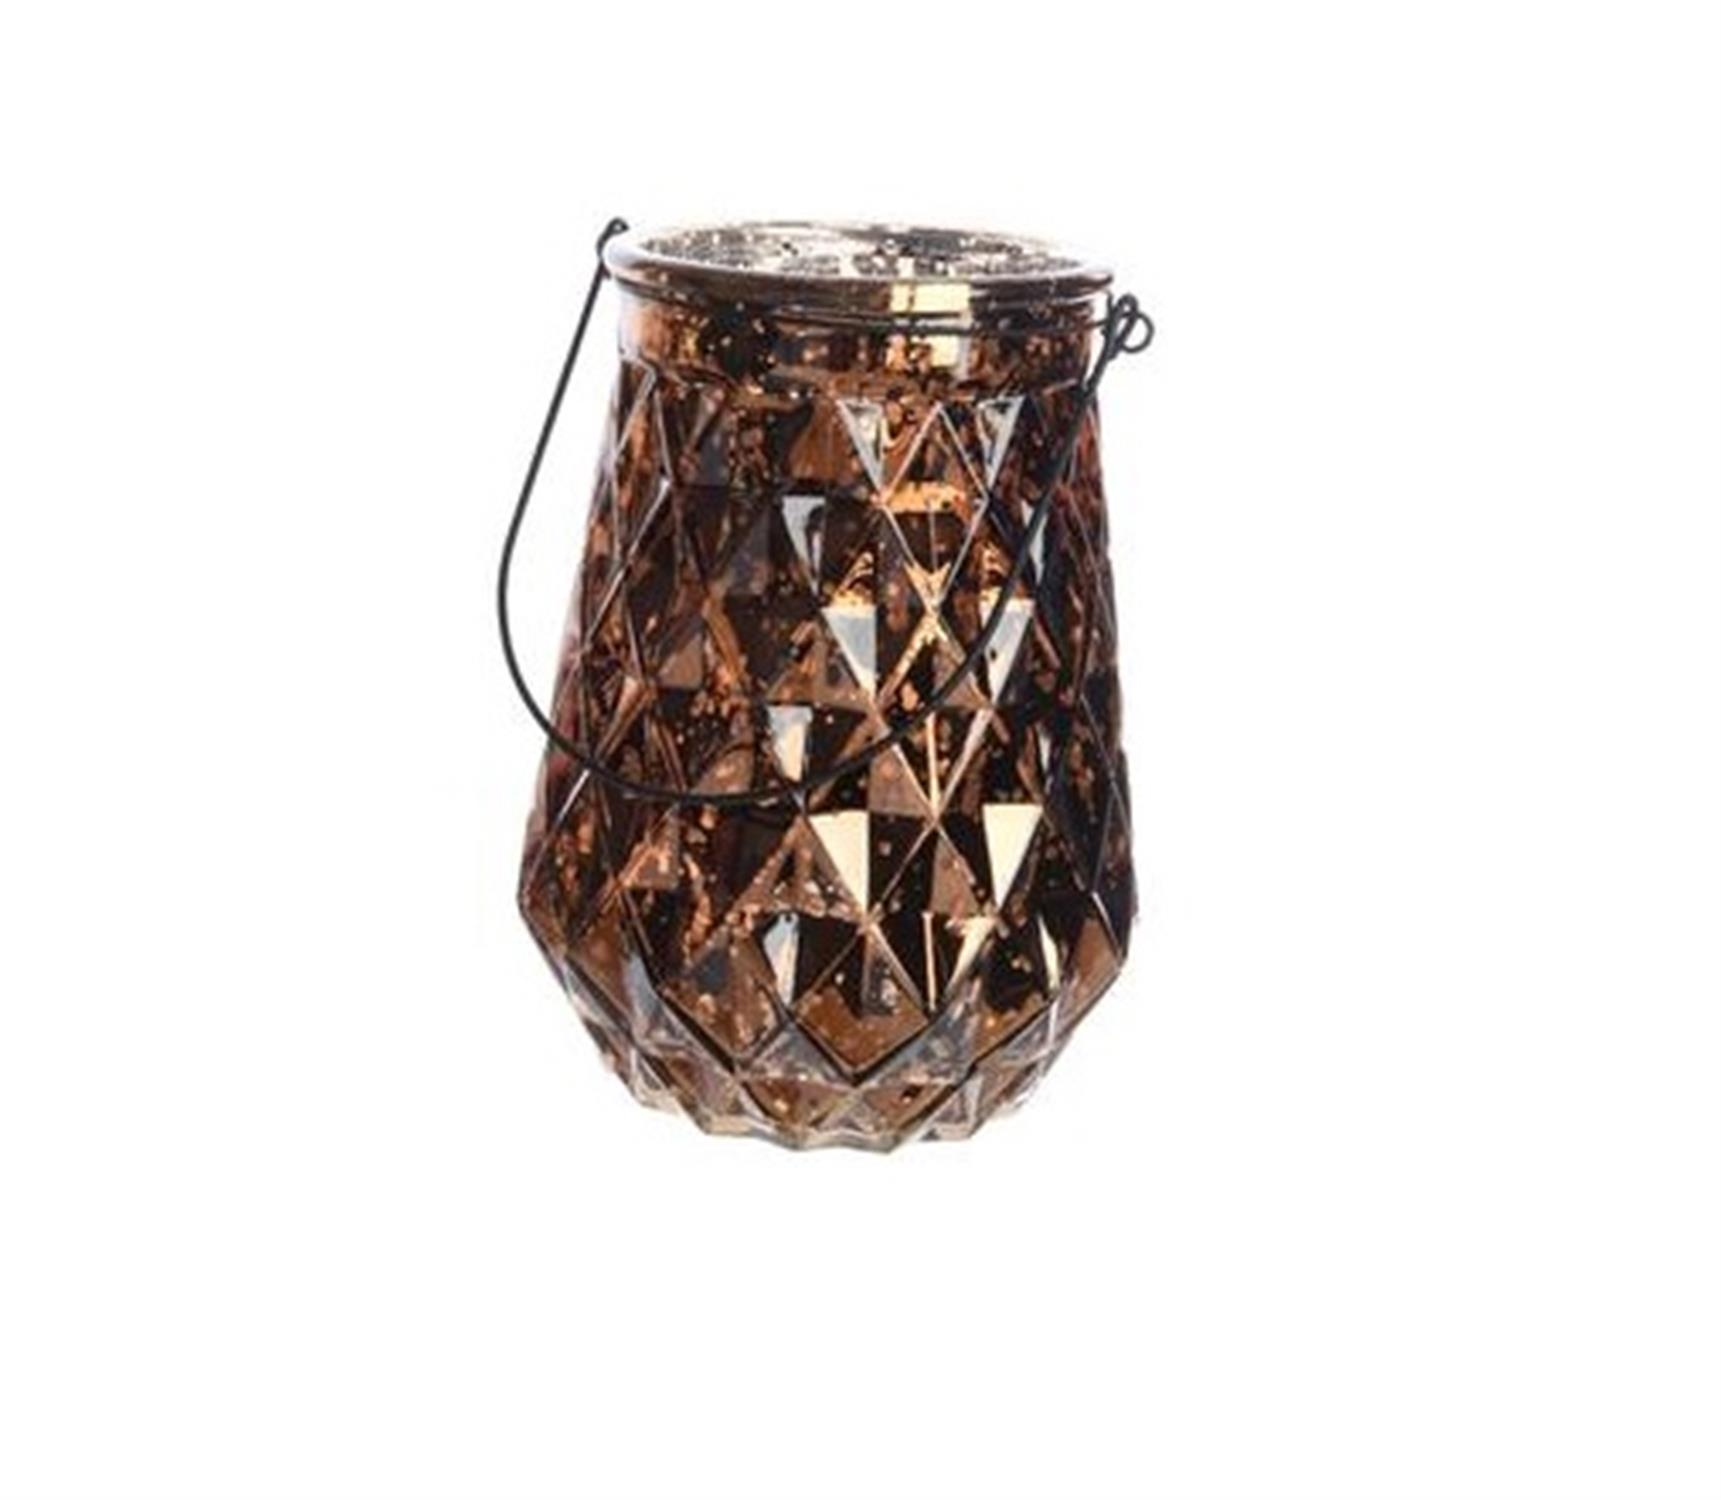 Φανάρι με ανάγλυφα διαμάντια σουέτ καφέ ασημί μεταλλικό χερούλι Δ16x22cm Kaemingk 646761-2